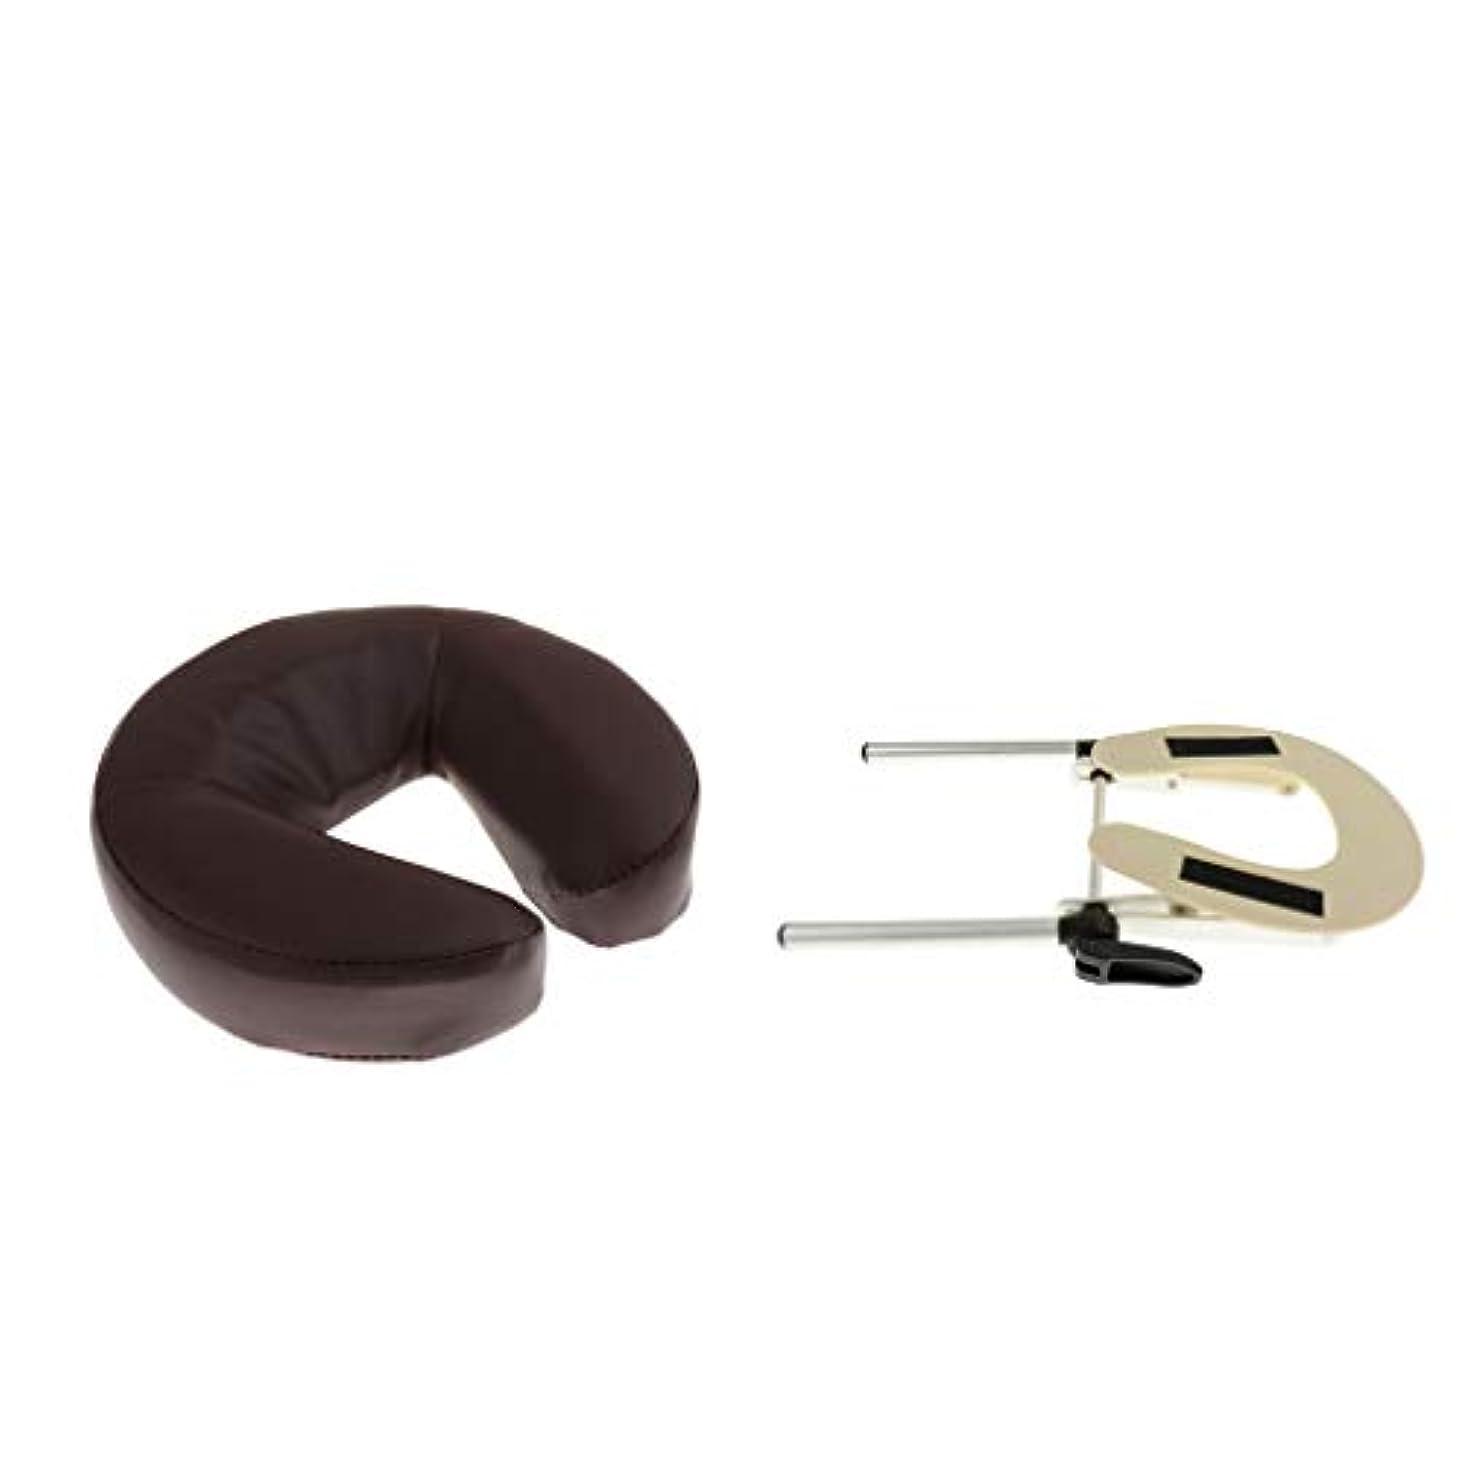 哺乳類ヒントガロンdailymall ソフトフェイスダウン枕付きマッサージテーブル用フェイスクレードルピローブラケットホルダー